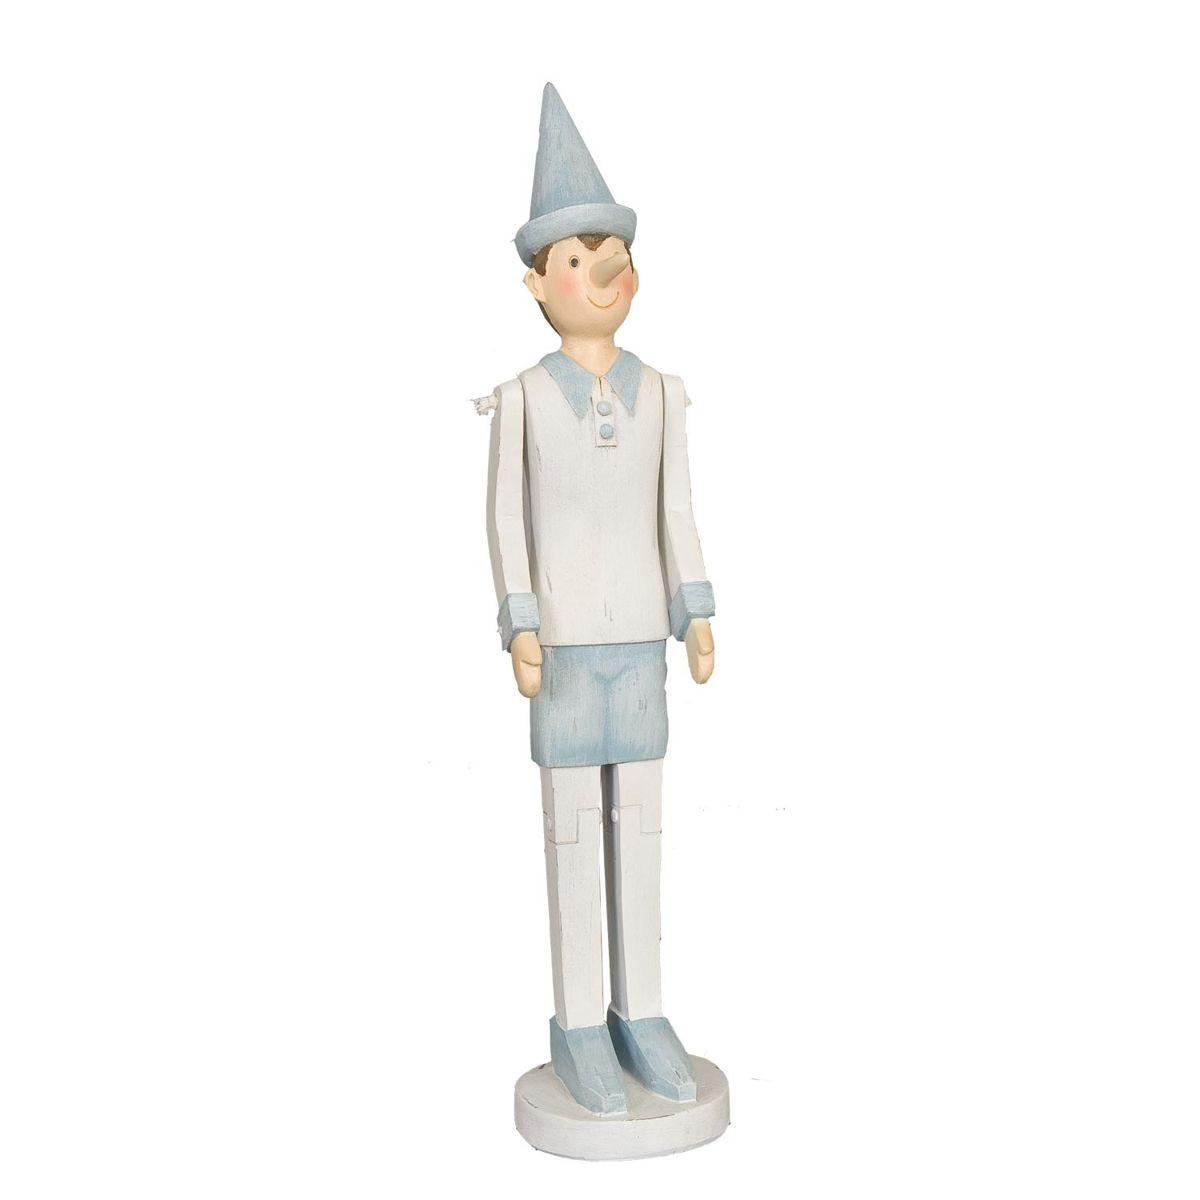 Figurka Pinokio Stojący 4pr0063p Clayre Amp Eef Dekoracje